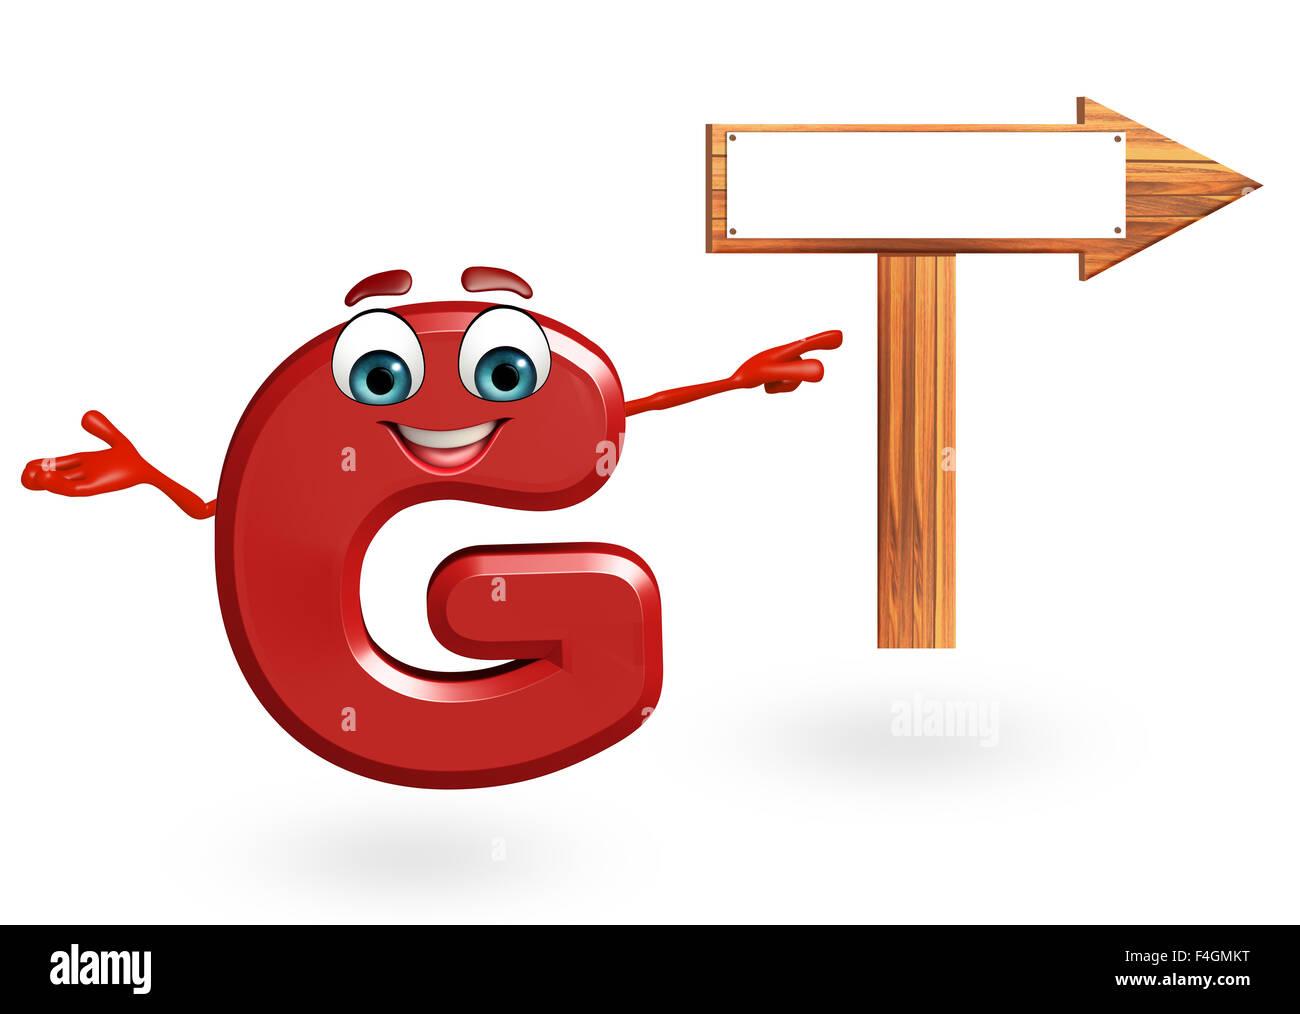 Ilustración 3D Prestados De Alfabeto G Personaje De